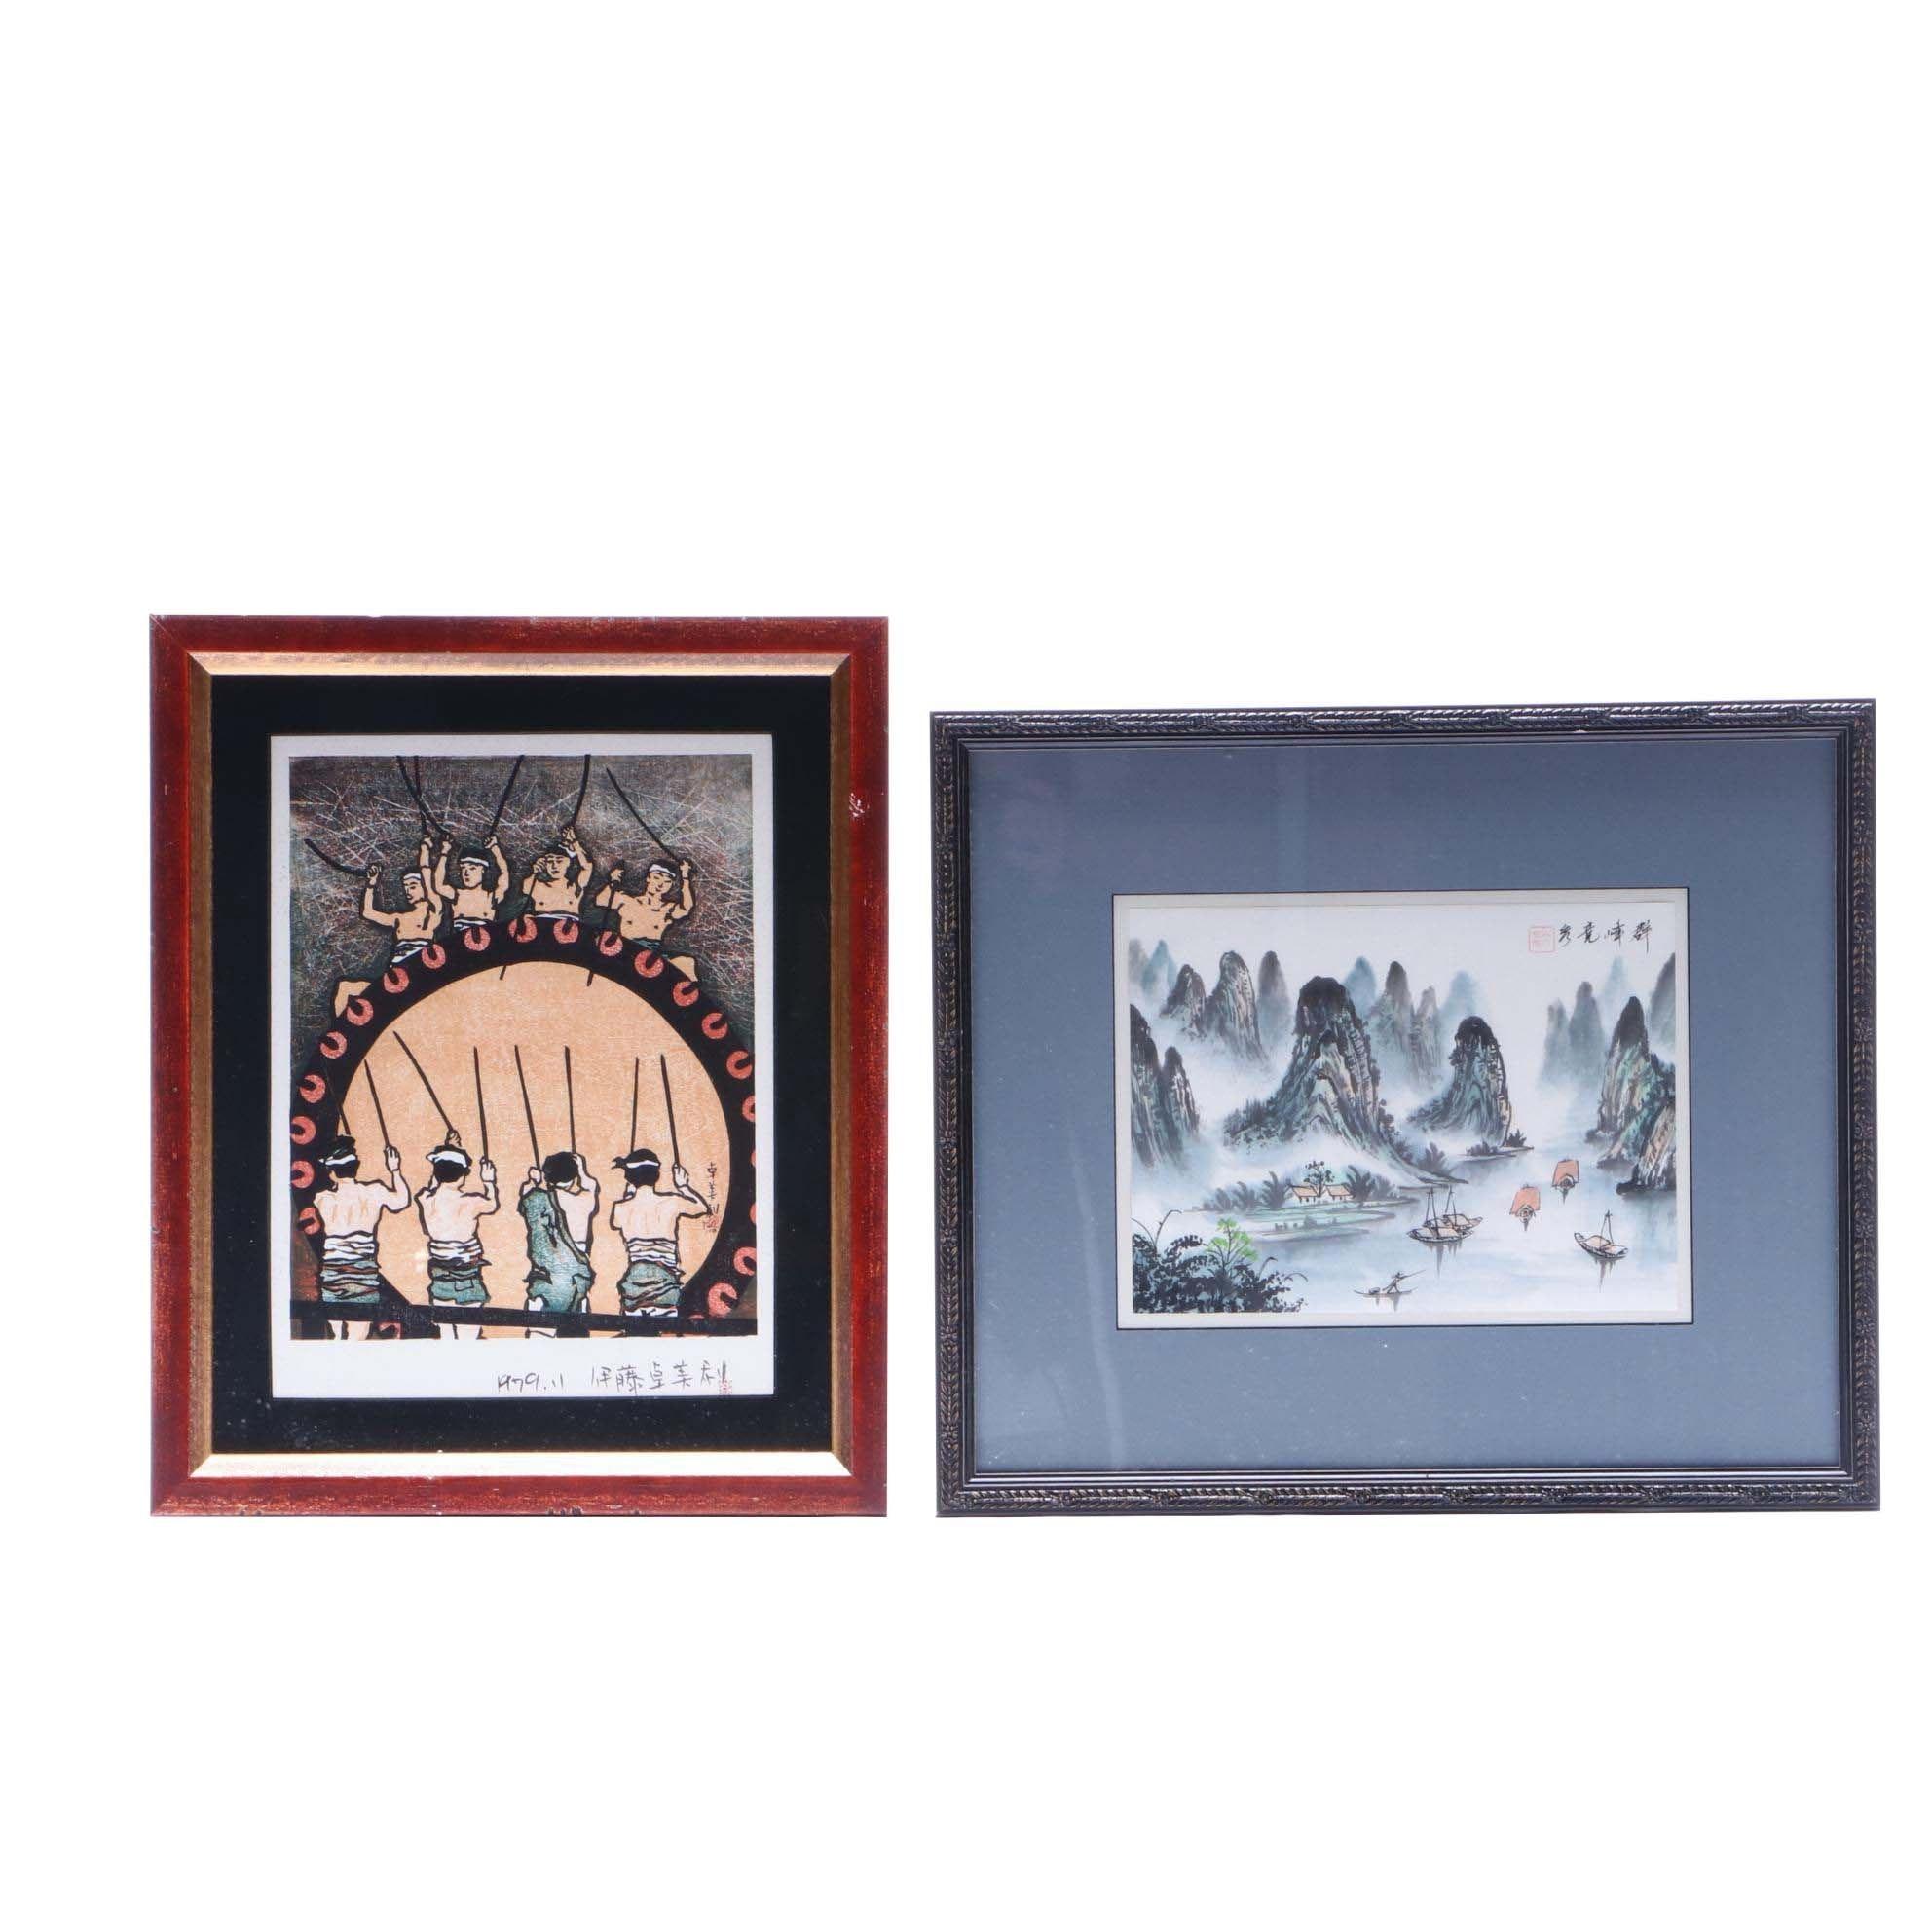 Japanese Woodblock Print and Watercolor